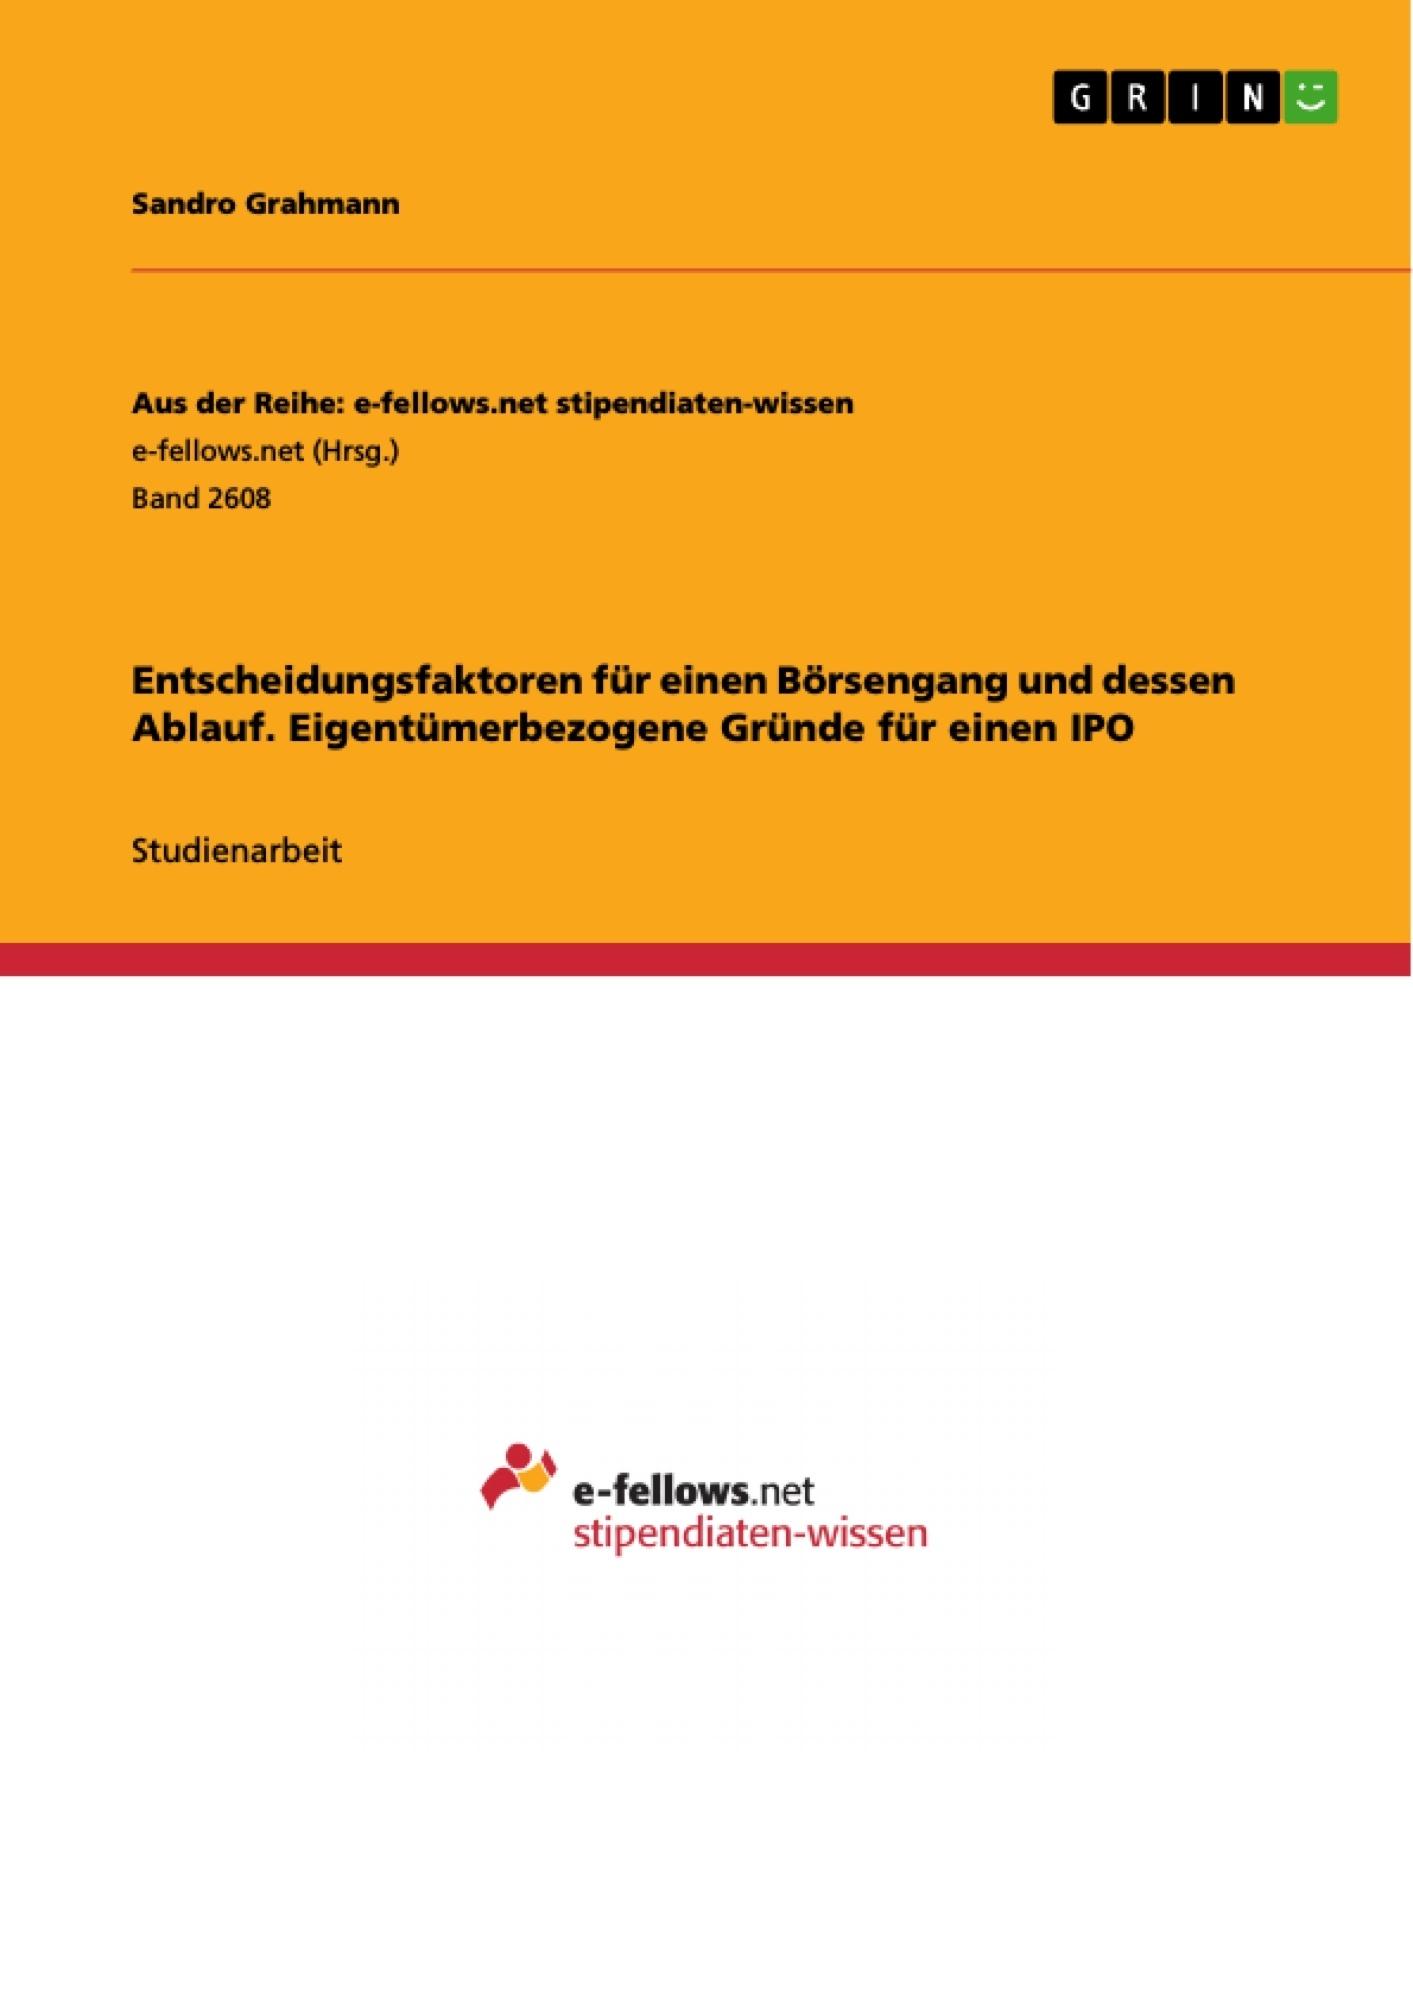 Titel: Entscheidungsfaktoren für einen Börsengang und dessen Ablauf. Eigentümerbezogene Gründe für einen IPO